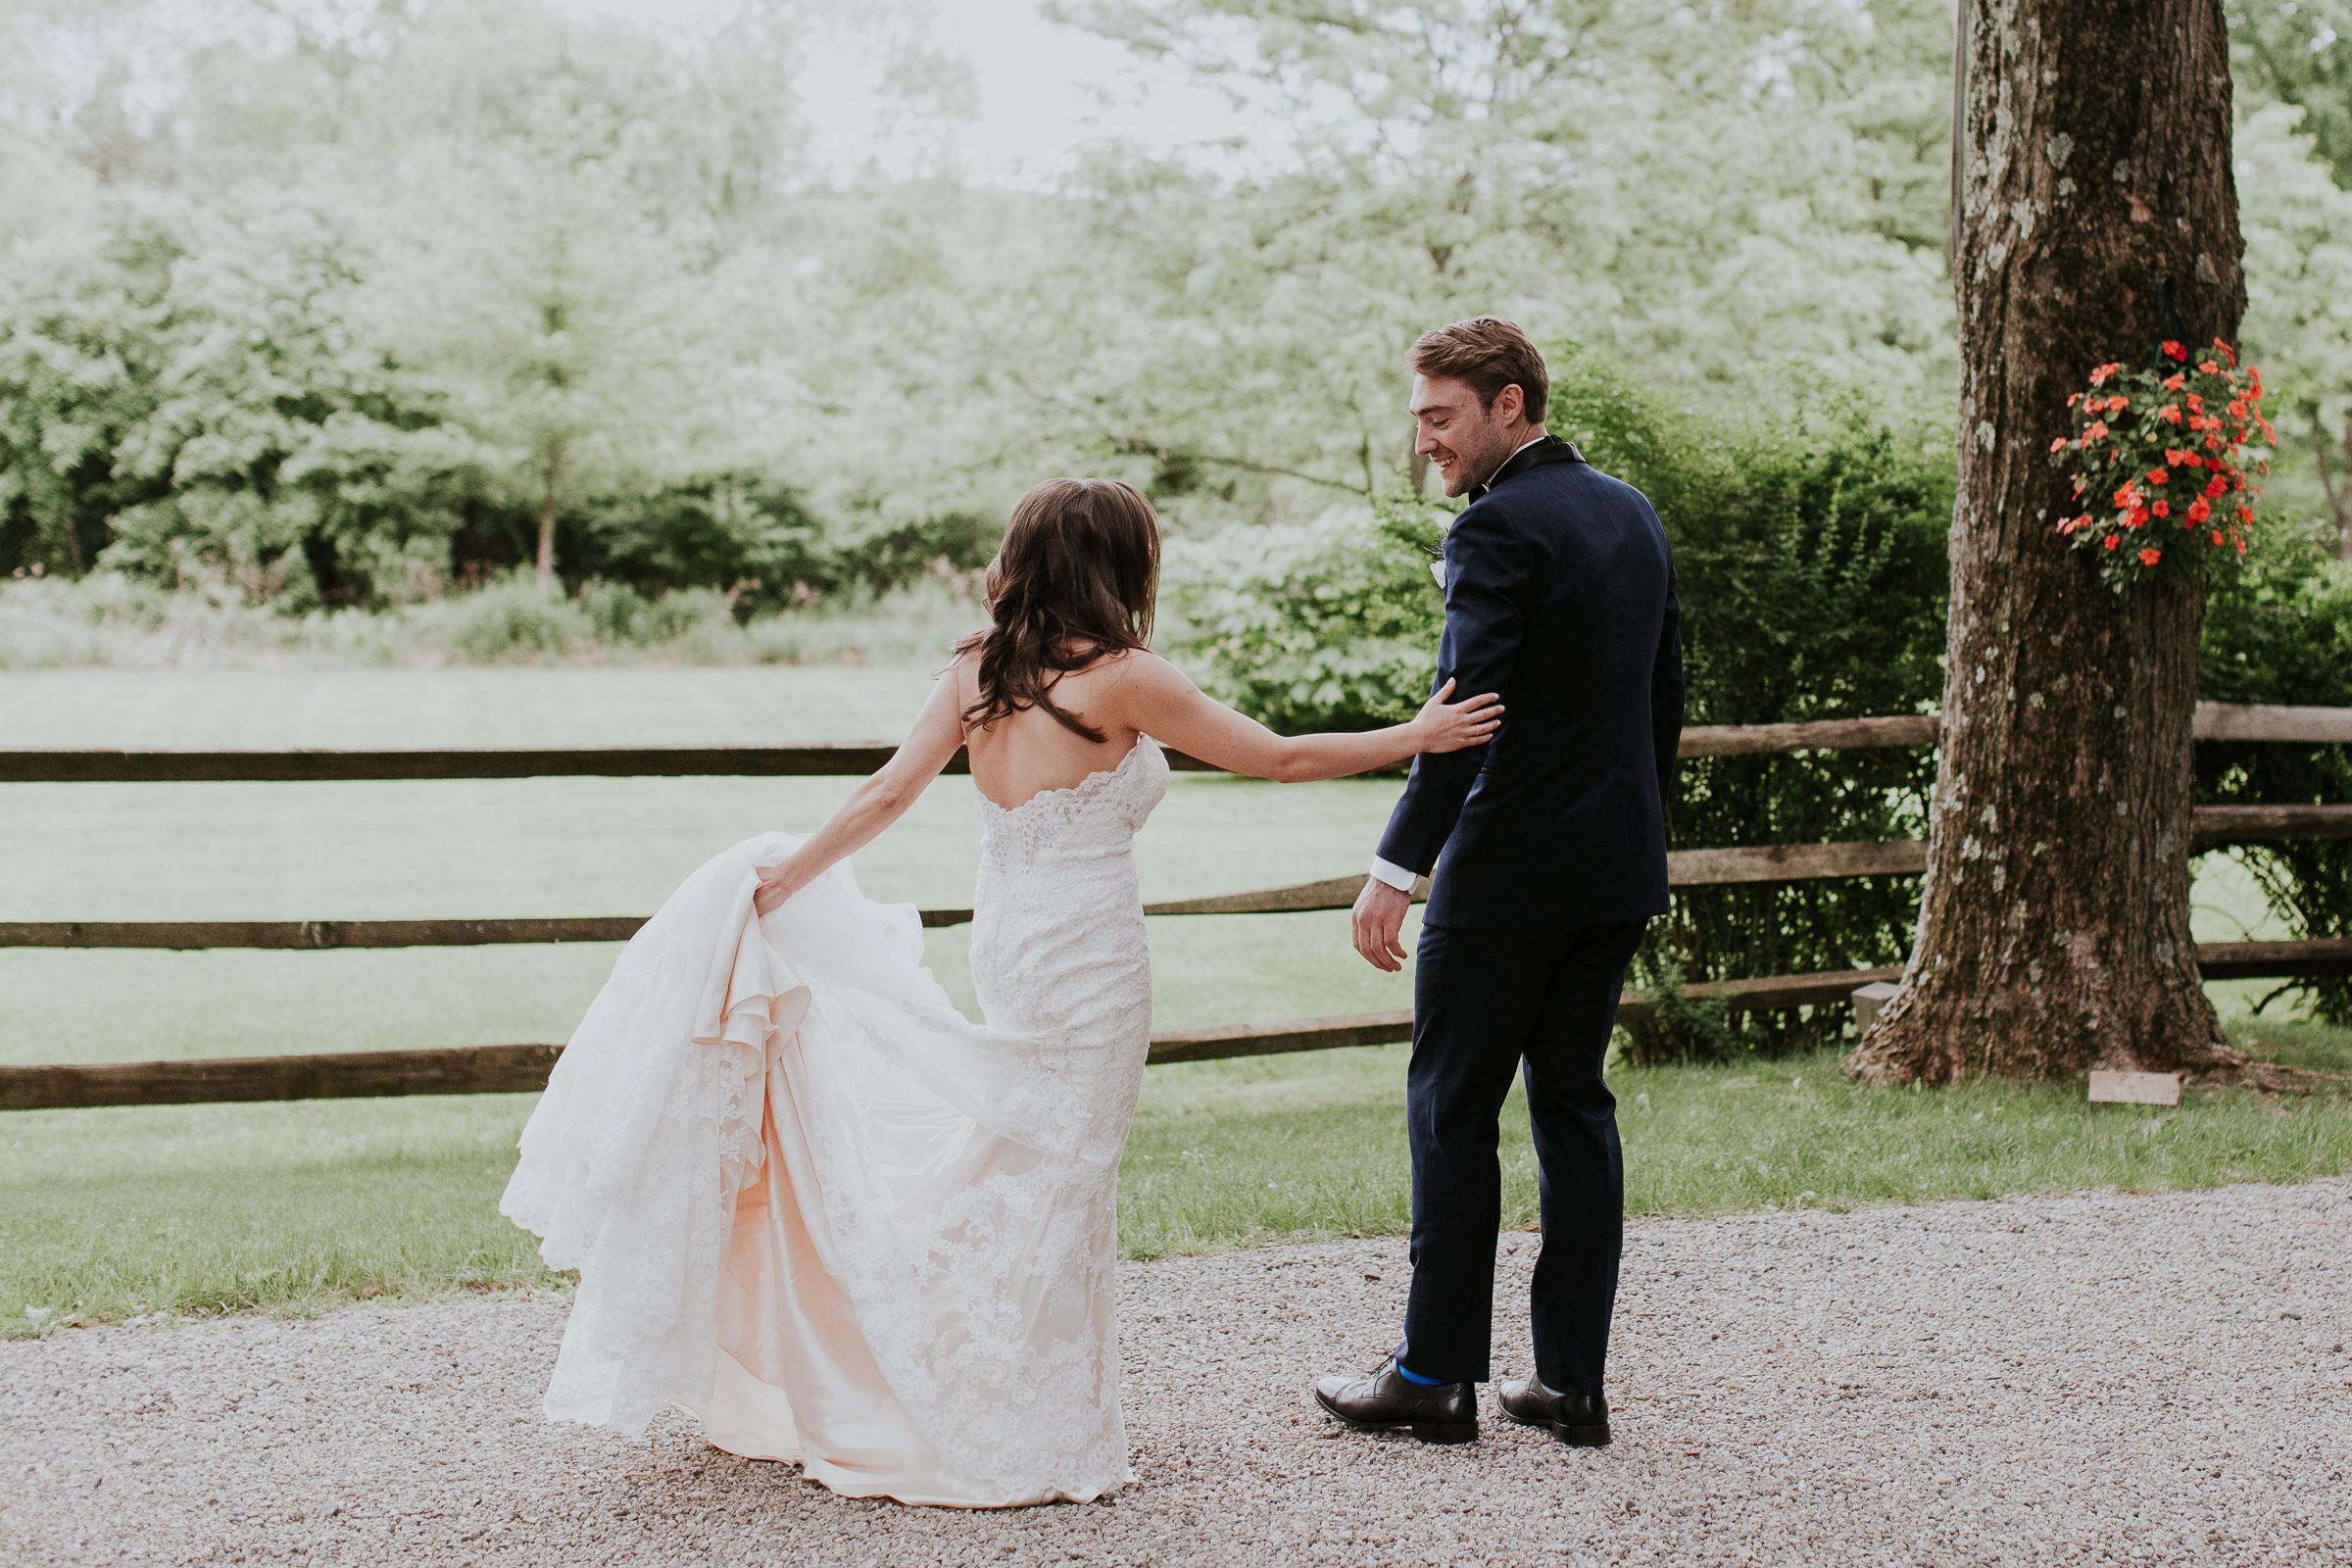 Crossed-Keys-Estate-Andover-NJ-Fine-Art-Documentary-Wedding-Photographer-41.jpg